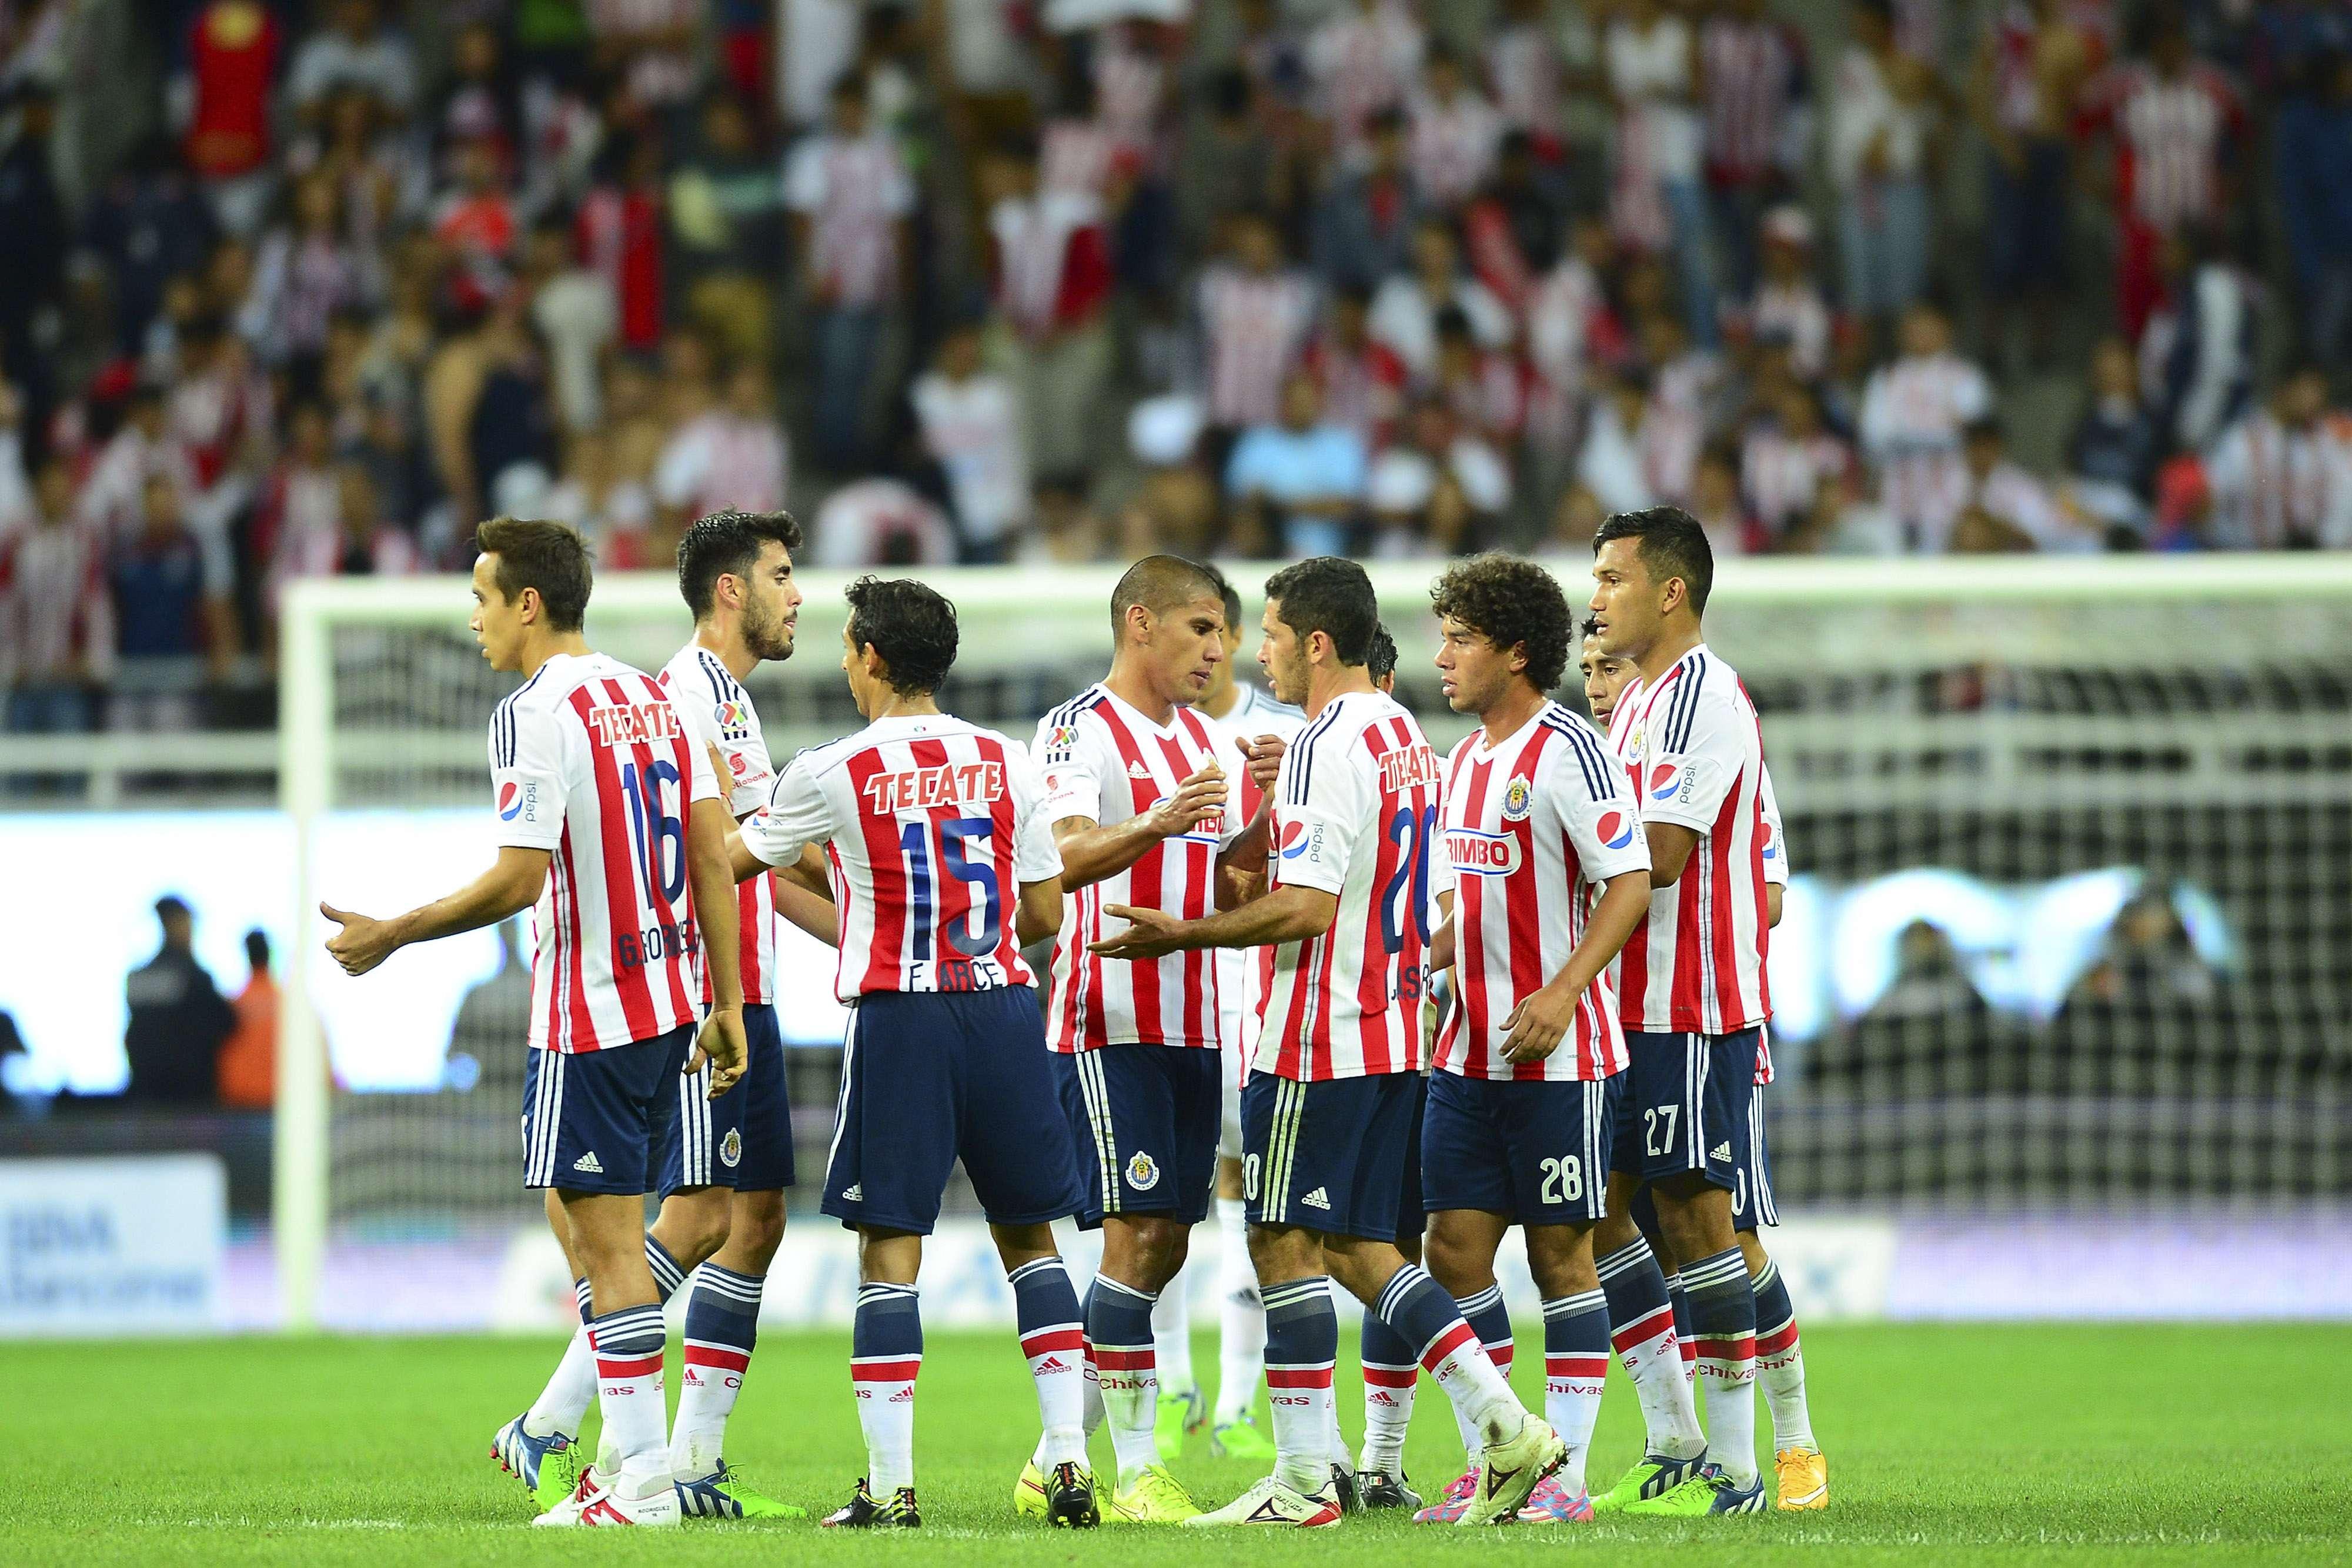 Chivas no pudo despegarse de sus rivales en el Apertura 2014 Foto: Mexsport